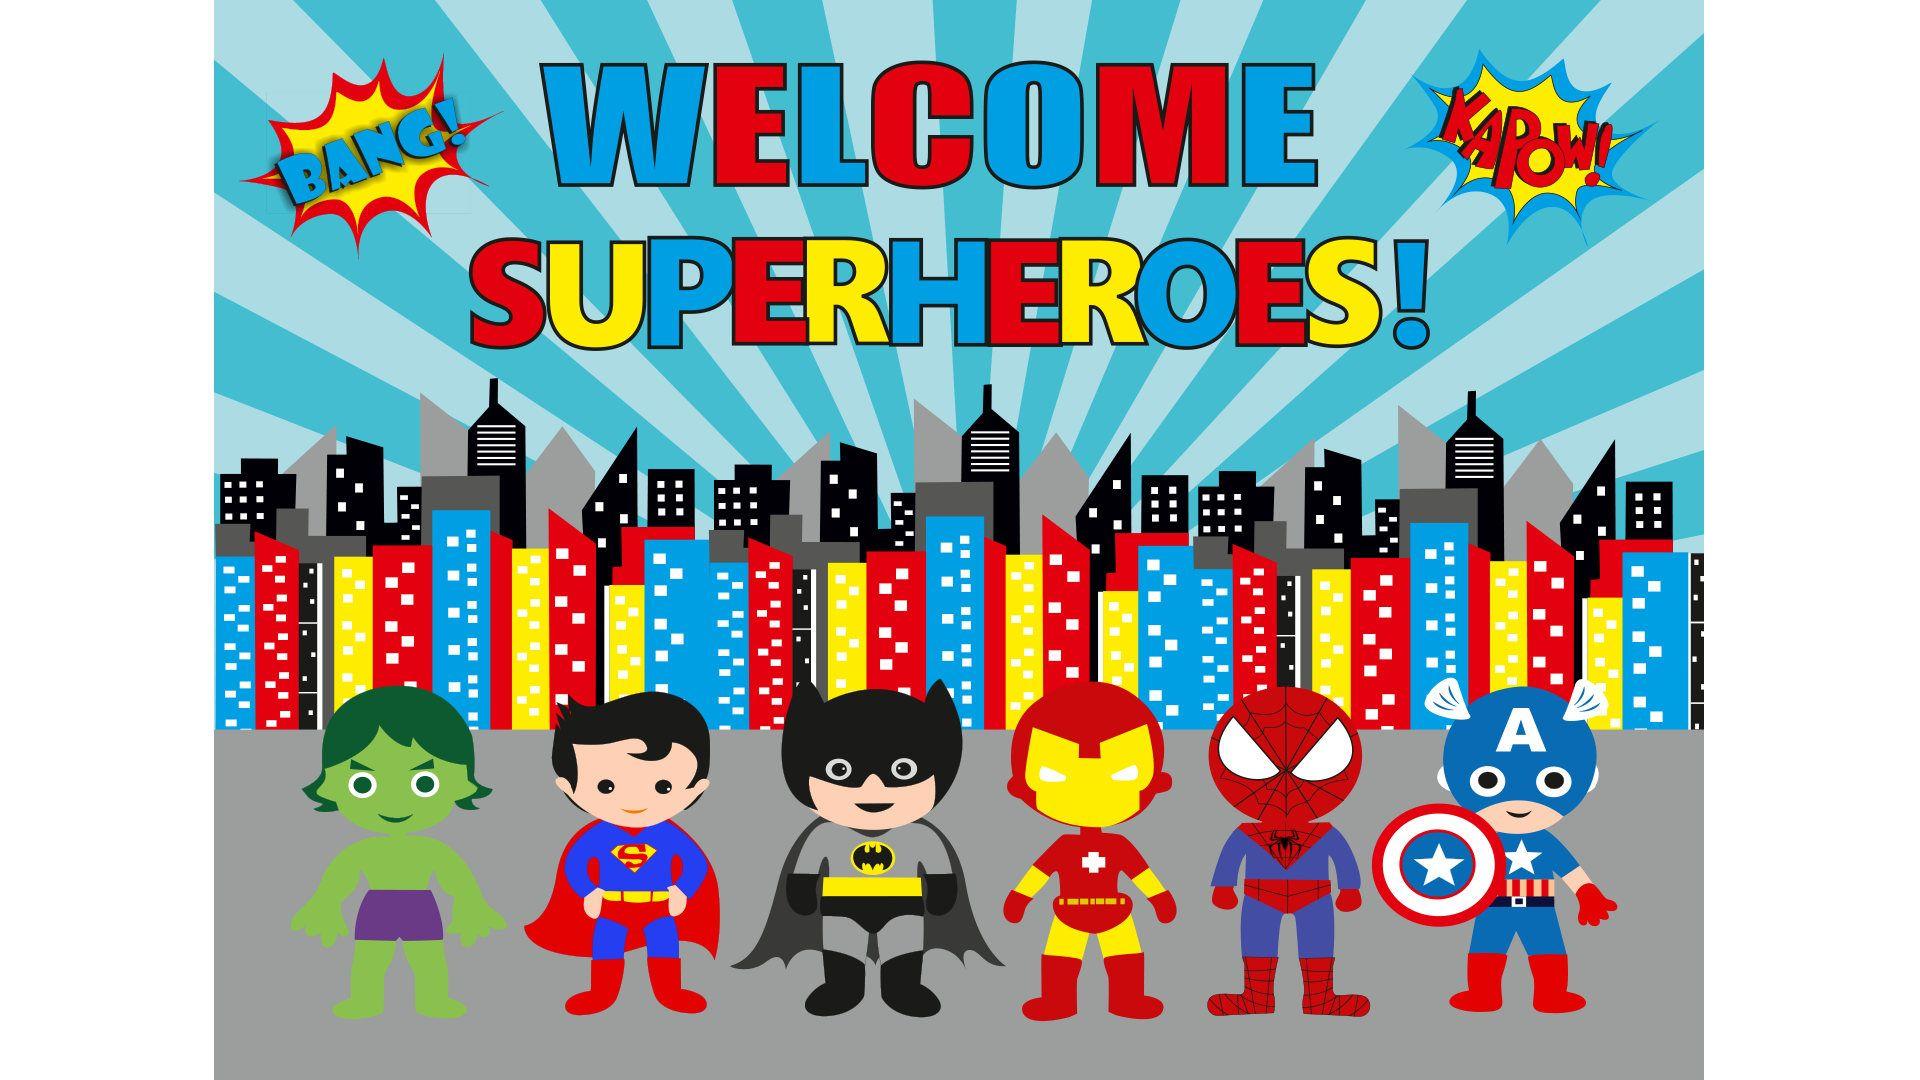 Superhero Wallpaper Backdrop Printable Superhero Decoration Superhero Party Supplies Super Hero Theme Super Hero Birthday Decoration Decoraciones De Super Heroes Fiesta De Spiderman Decoracion Decoraciones De Fiestas Para Bebes